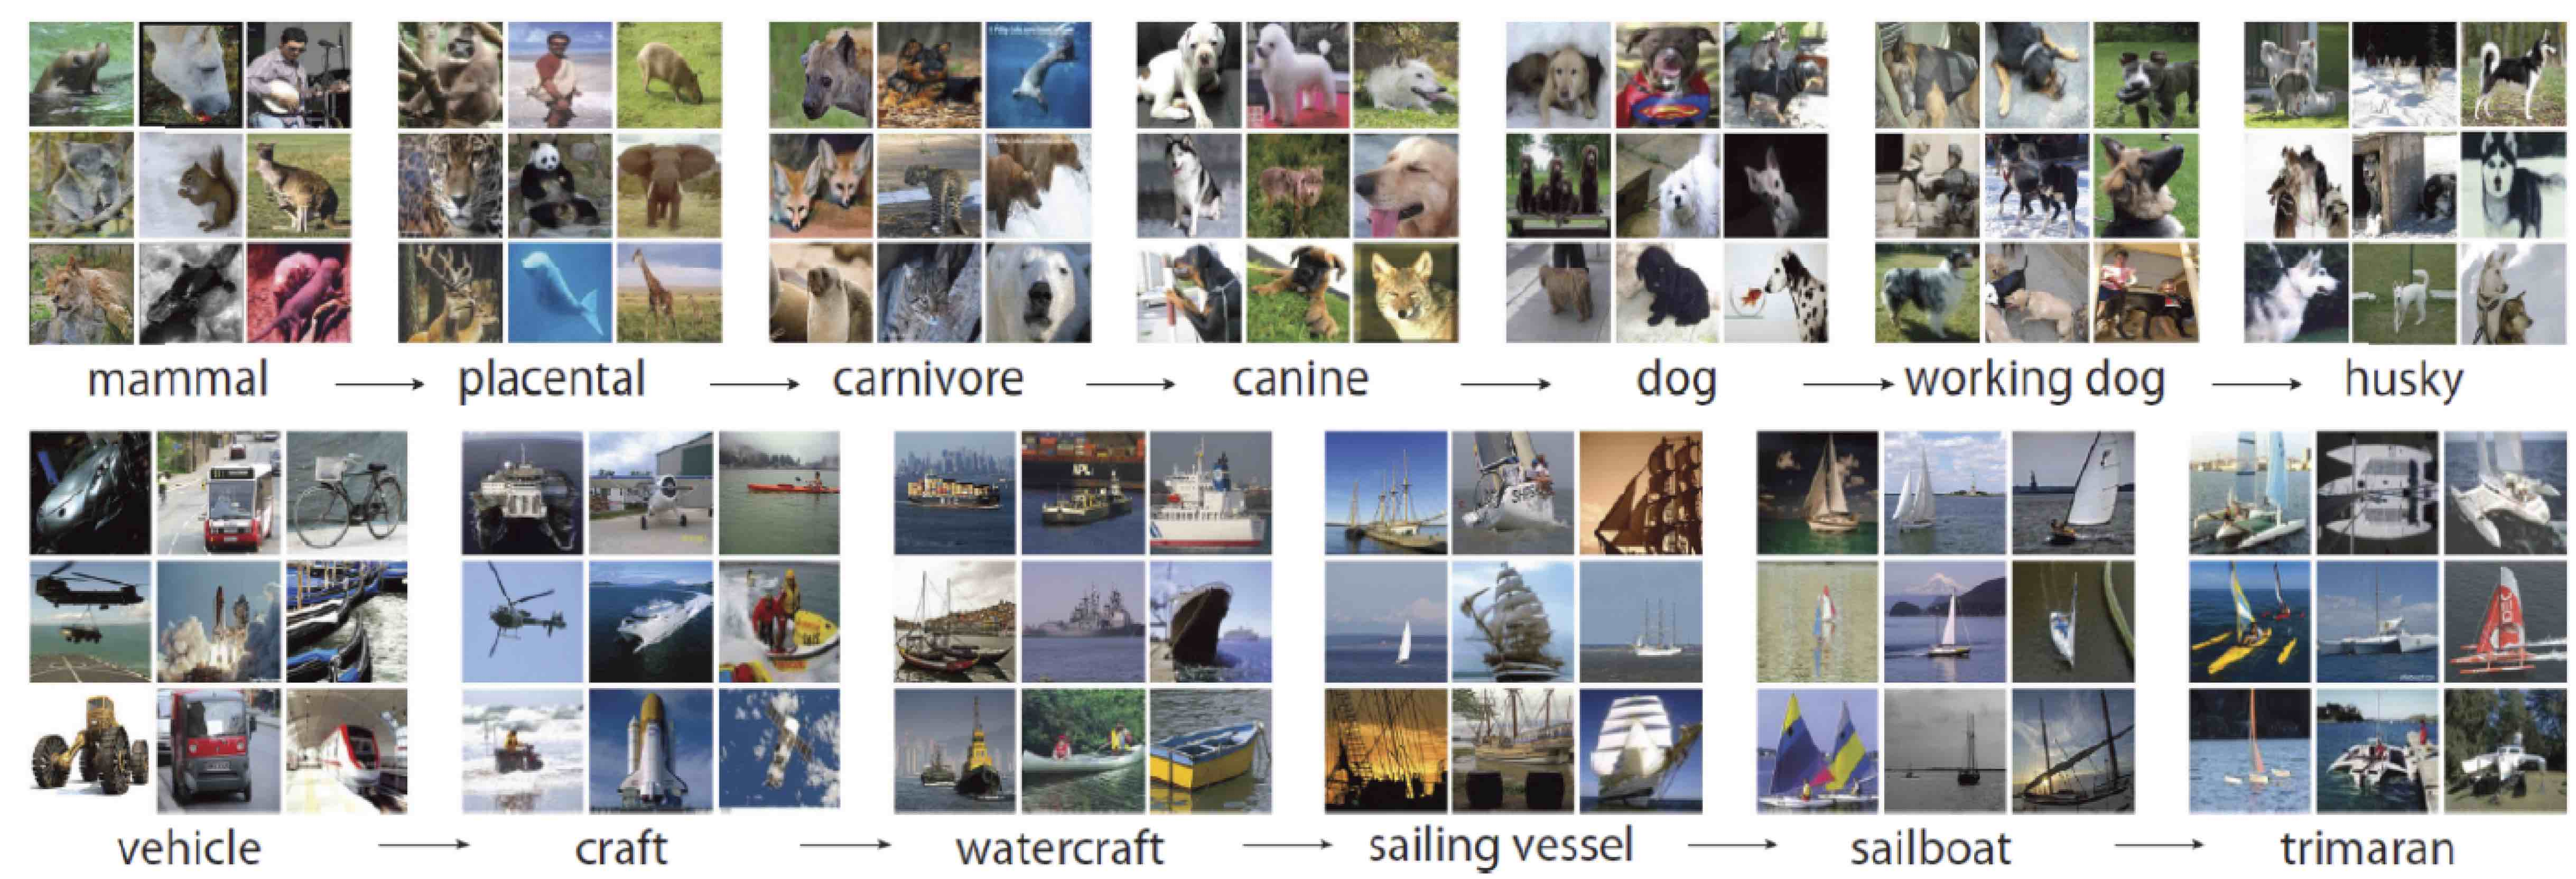 Exemples d'images de la base imageNet. Les classes d'objets sont décrit suivant une hiérarchie sémantique illustrée par ces images.